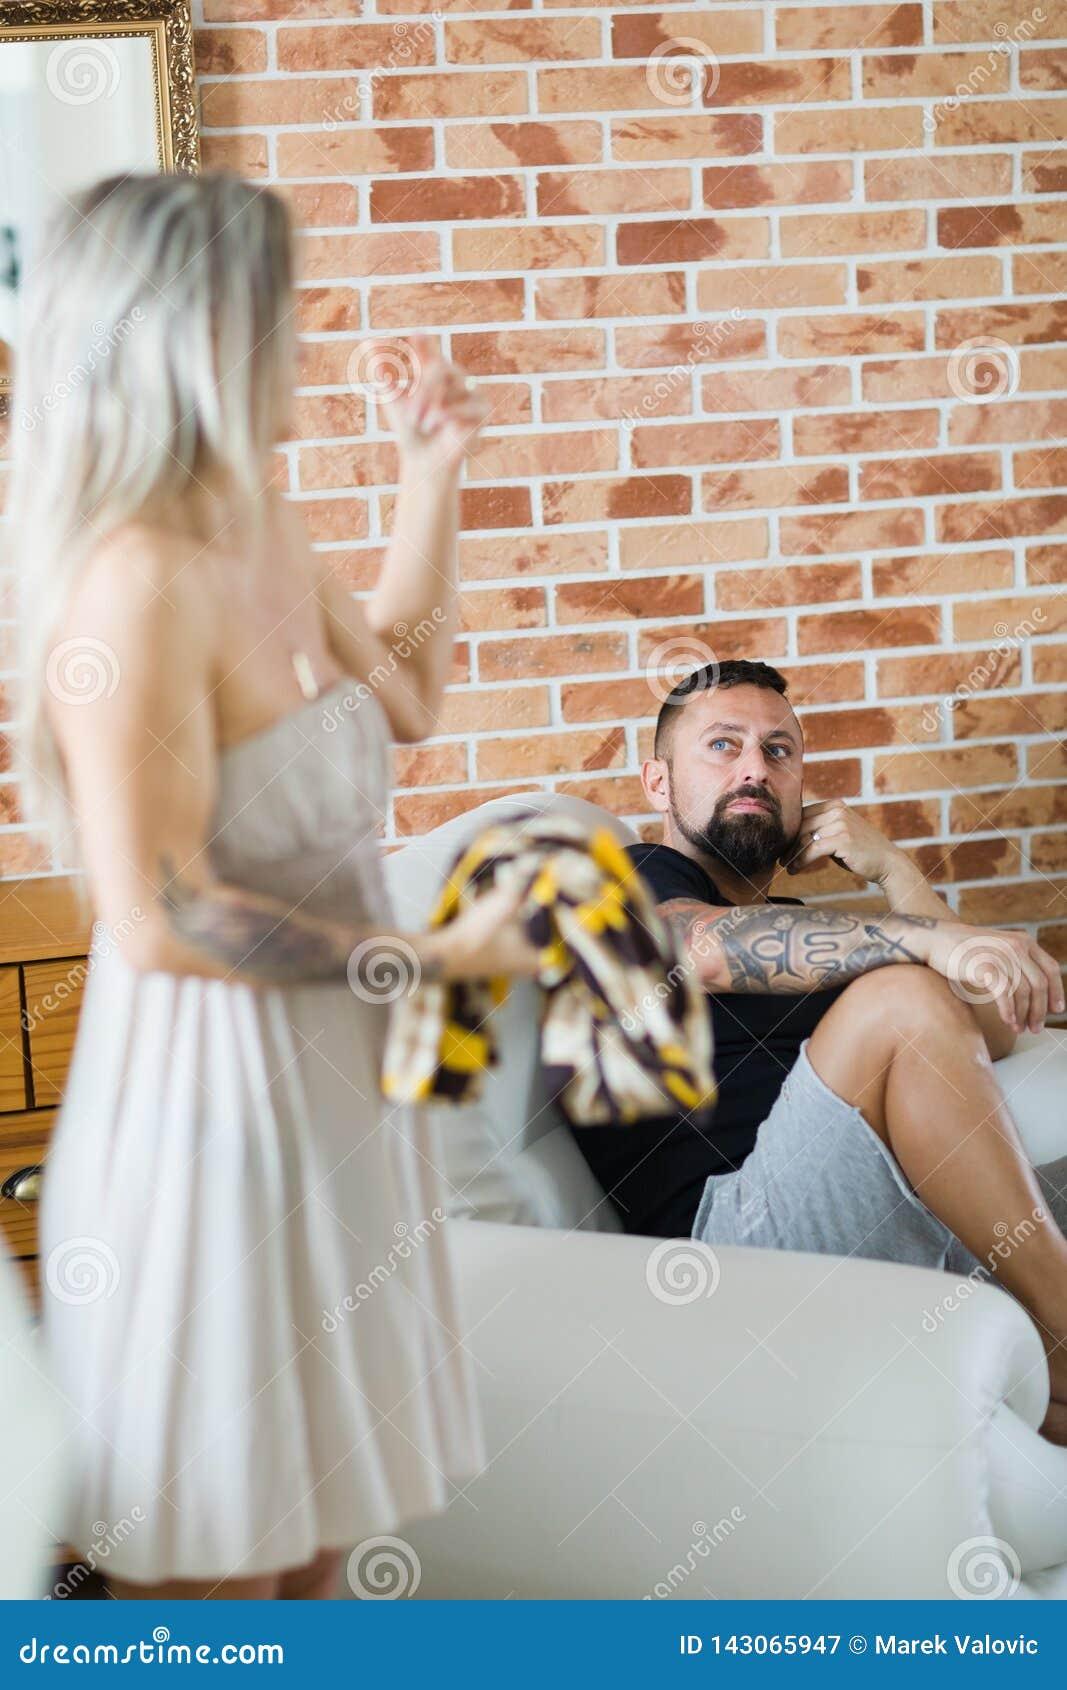 Homme malheureux et déprimé avec son épouse résolvant la crise de relations